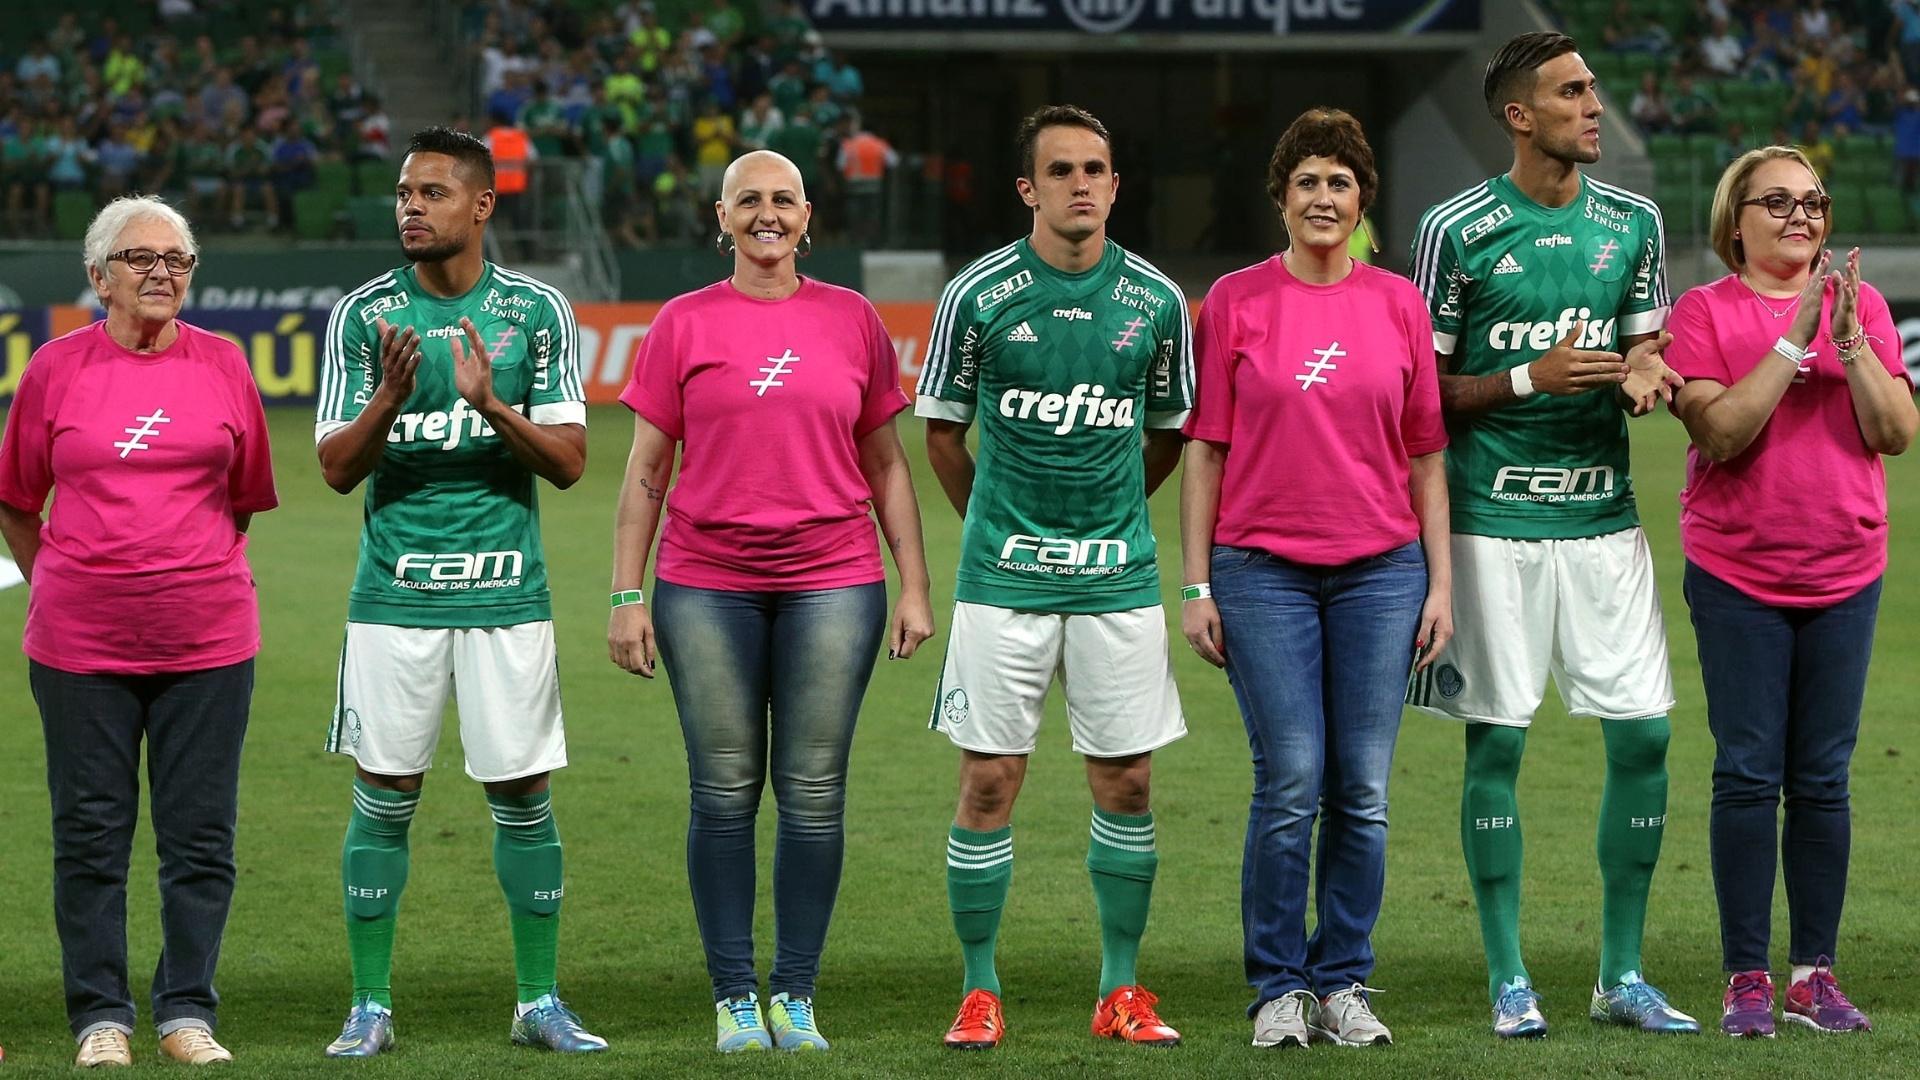 Palmeiras faz campanha para prevenção do câncer de mama antes da partida contra a Ponte Preta pelo Campeonato Brasileiro